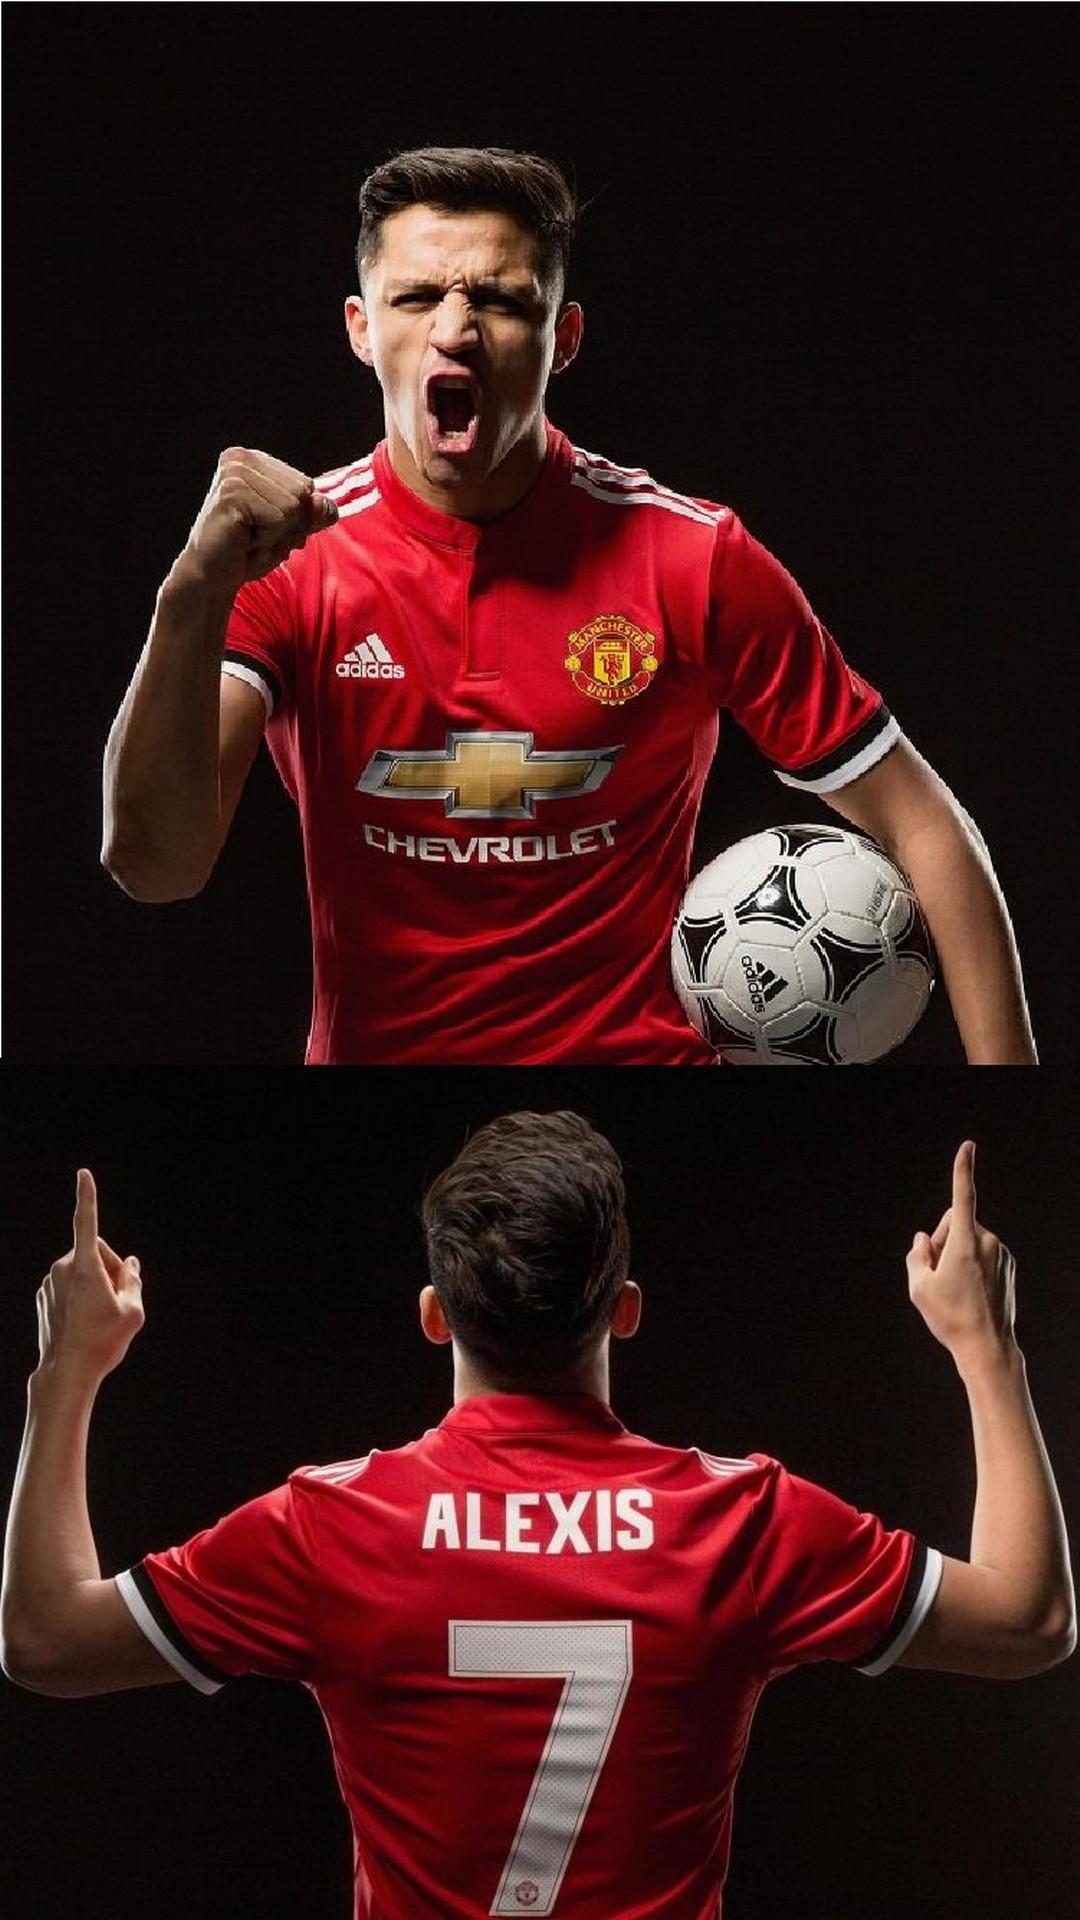 Alexis Sanchez Wallpaper Iphone Iphone Wallpaper Alexis Sanchez Manchester United 2019